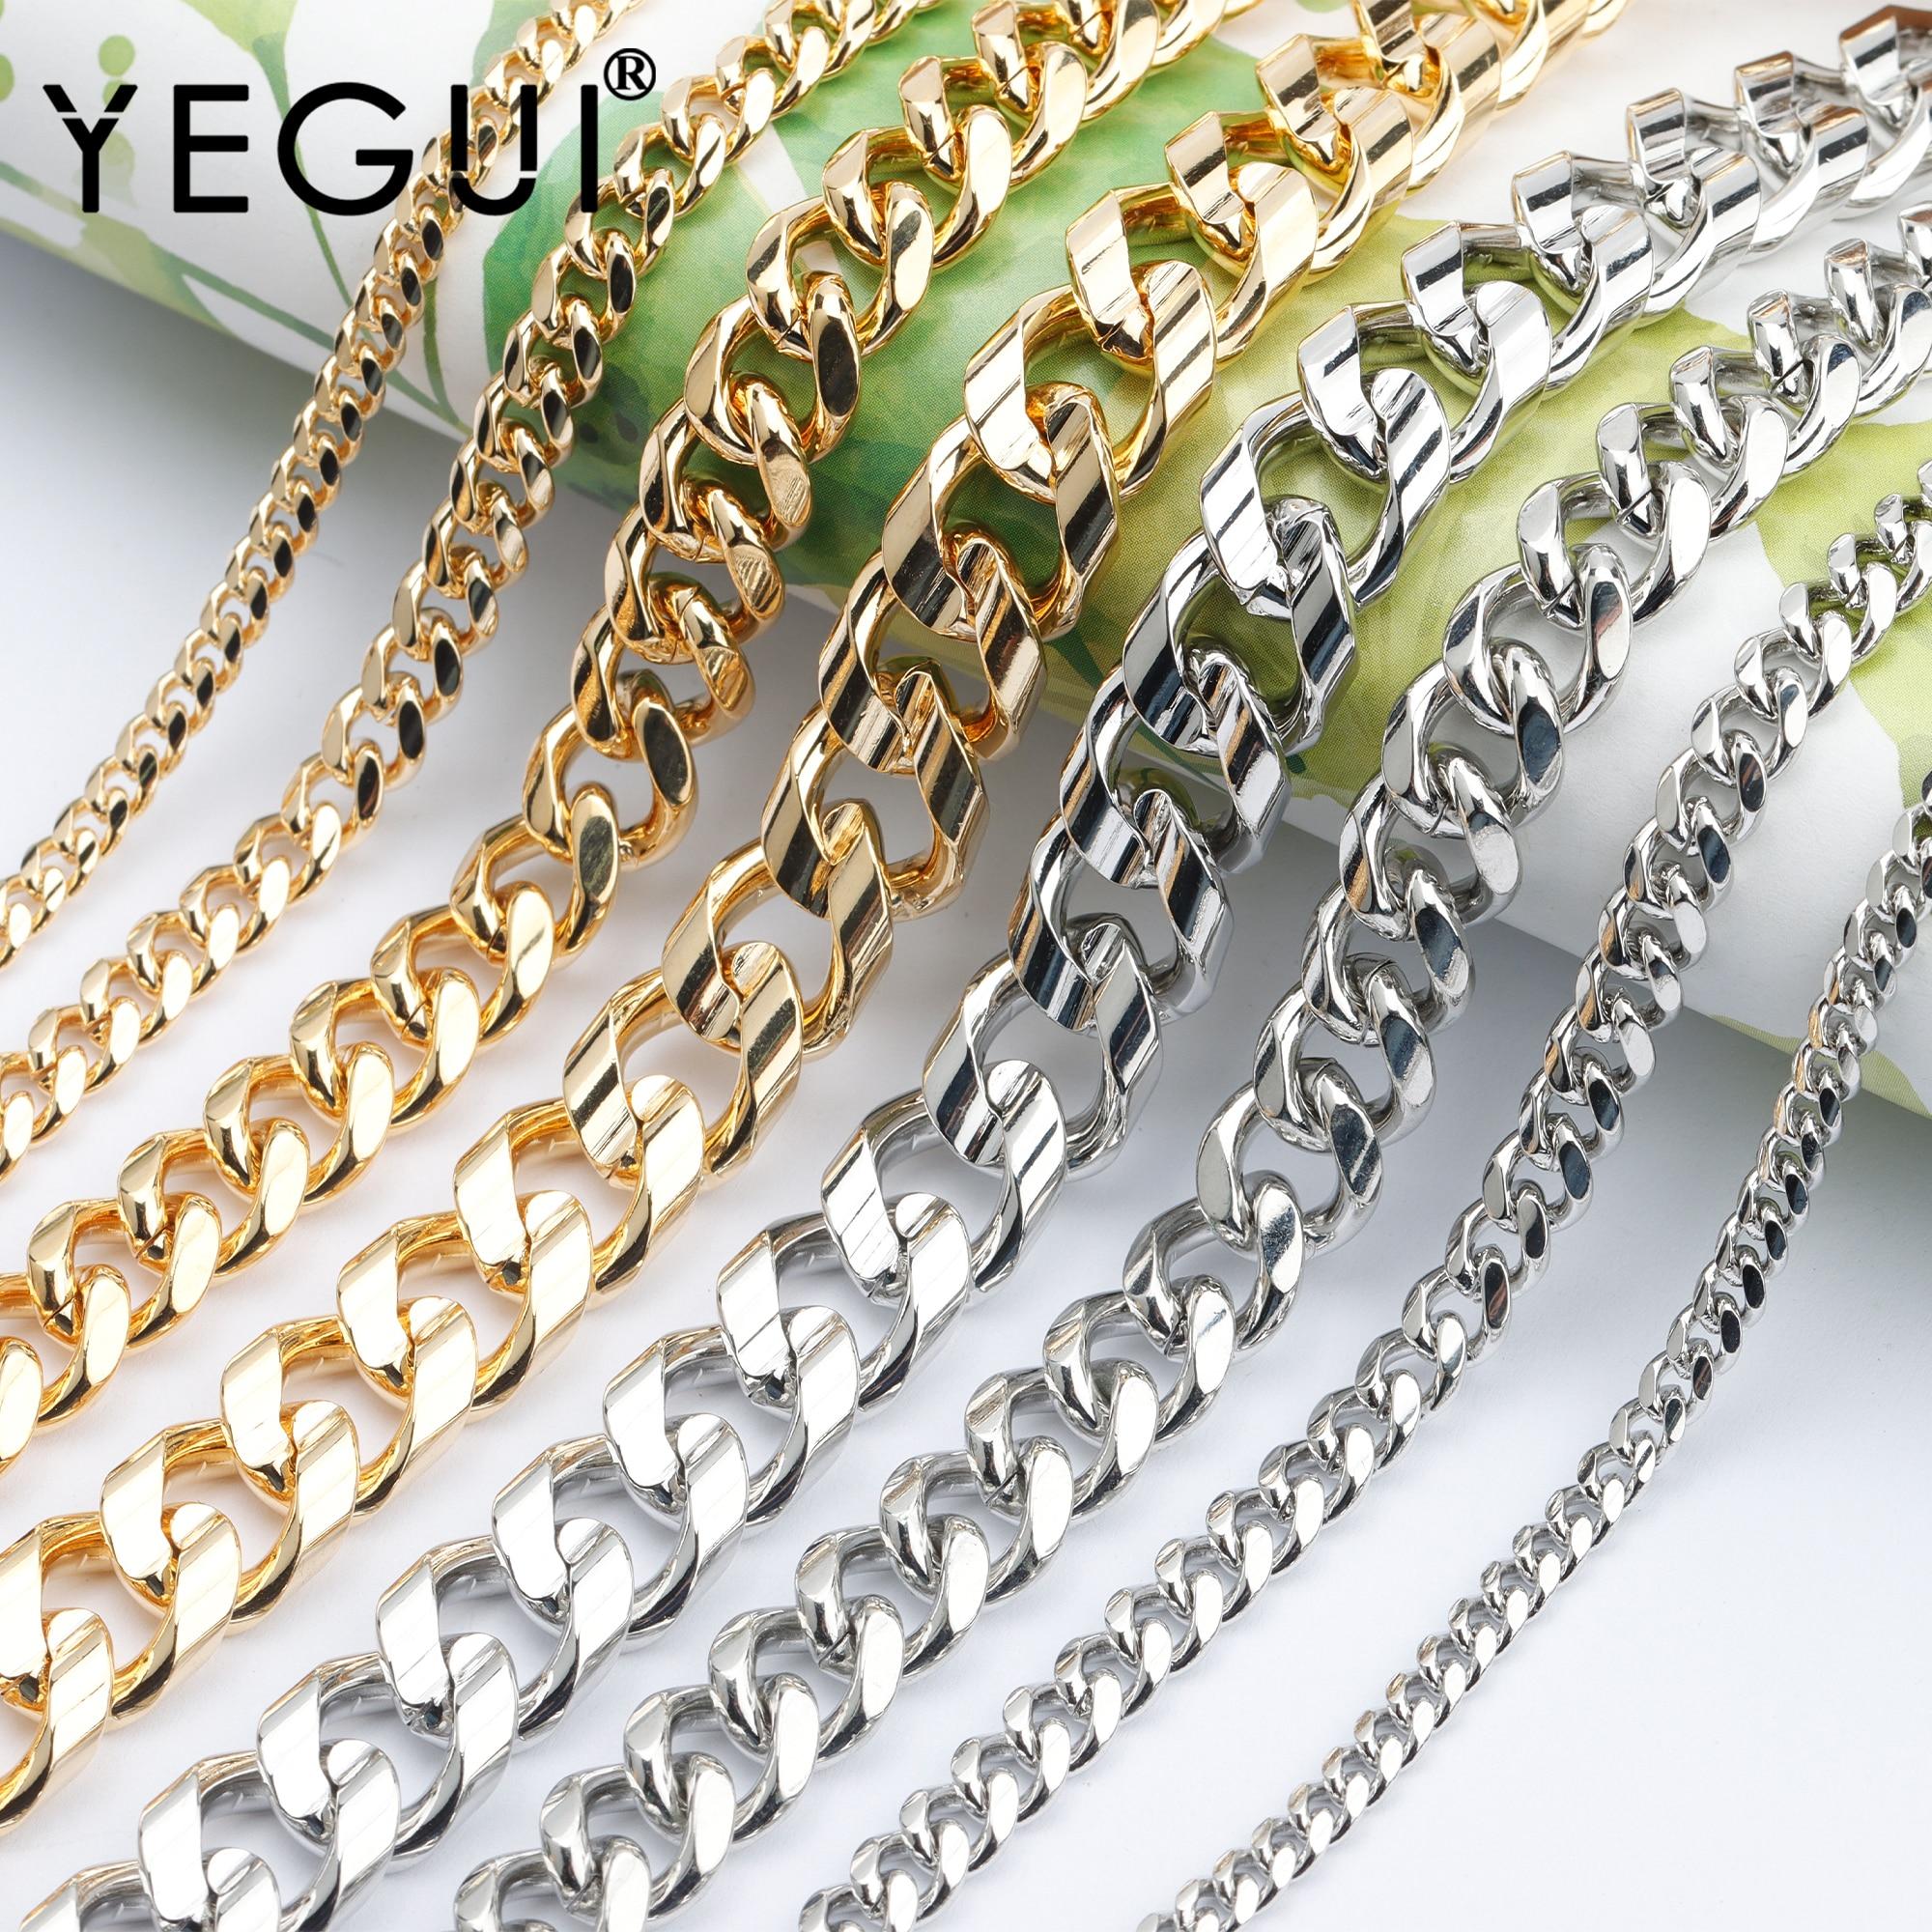 YEGUI C155, сделай сам, цепи, 18k с позолотой, 0,3 мкм, медь, металл, покрытие из родия, ювелирные изделия делая, браслетов или бус своими руками, 1 м/лот